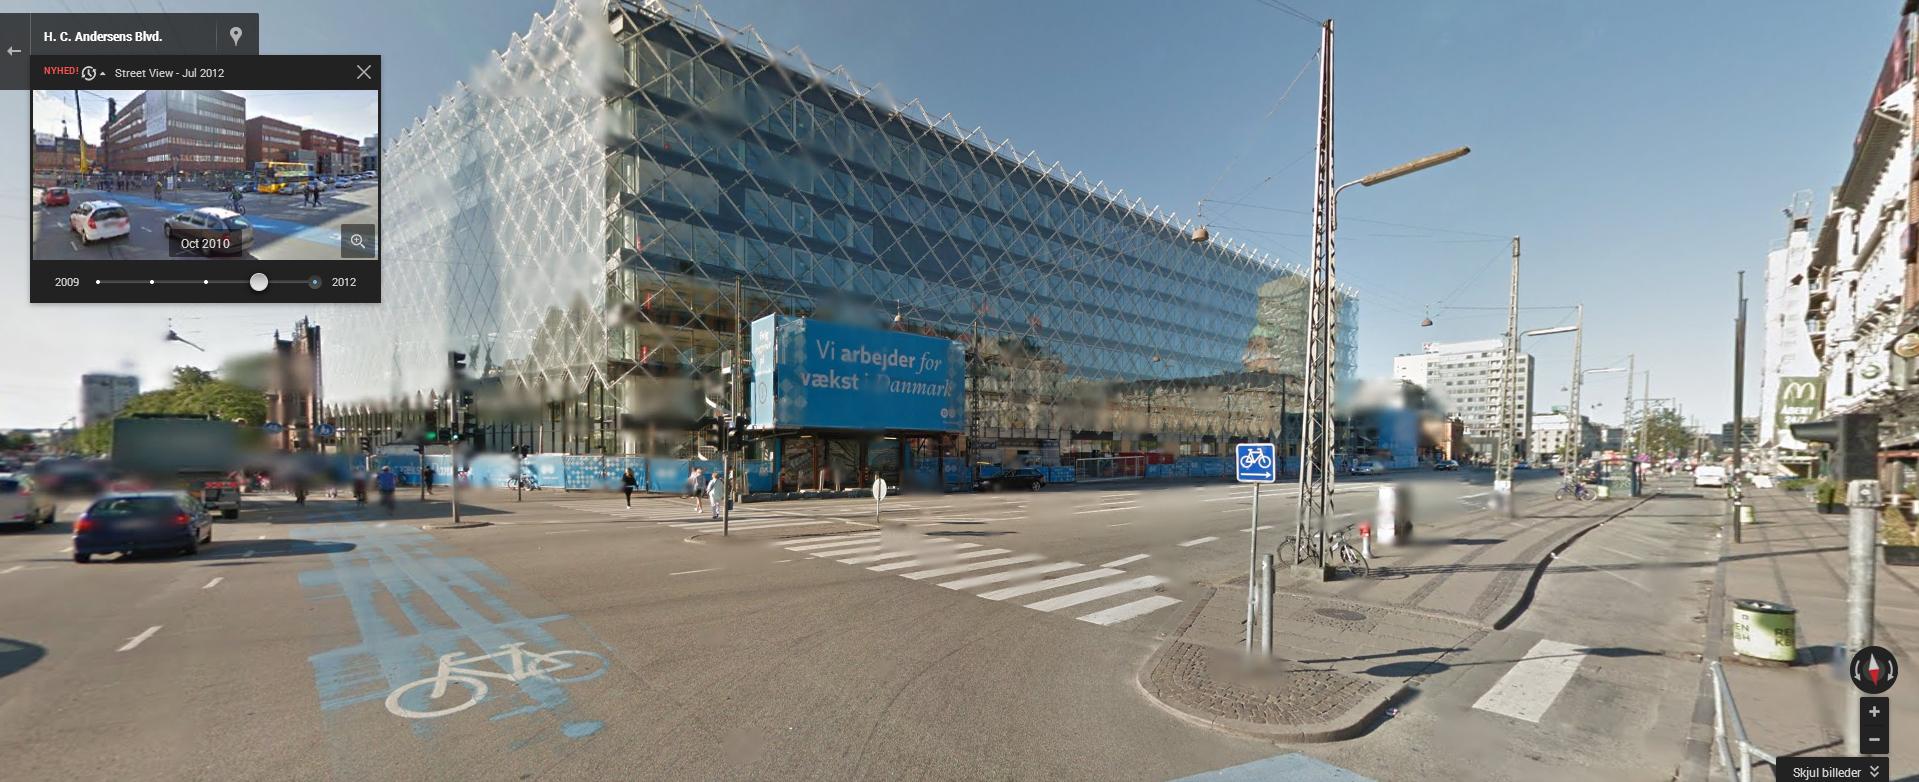 Industriens Hus ved Rådhudpladsen i København, juli 2012. I rammen øverst til venstre kan man vælge  4 tidligere tidspunkter (her oktober 2010).